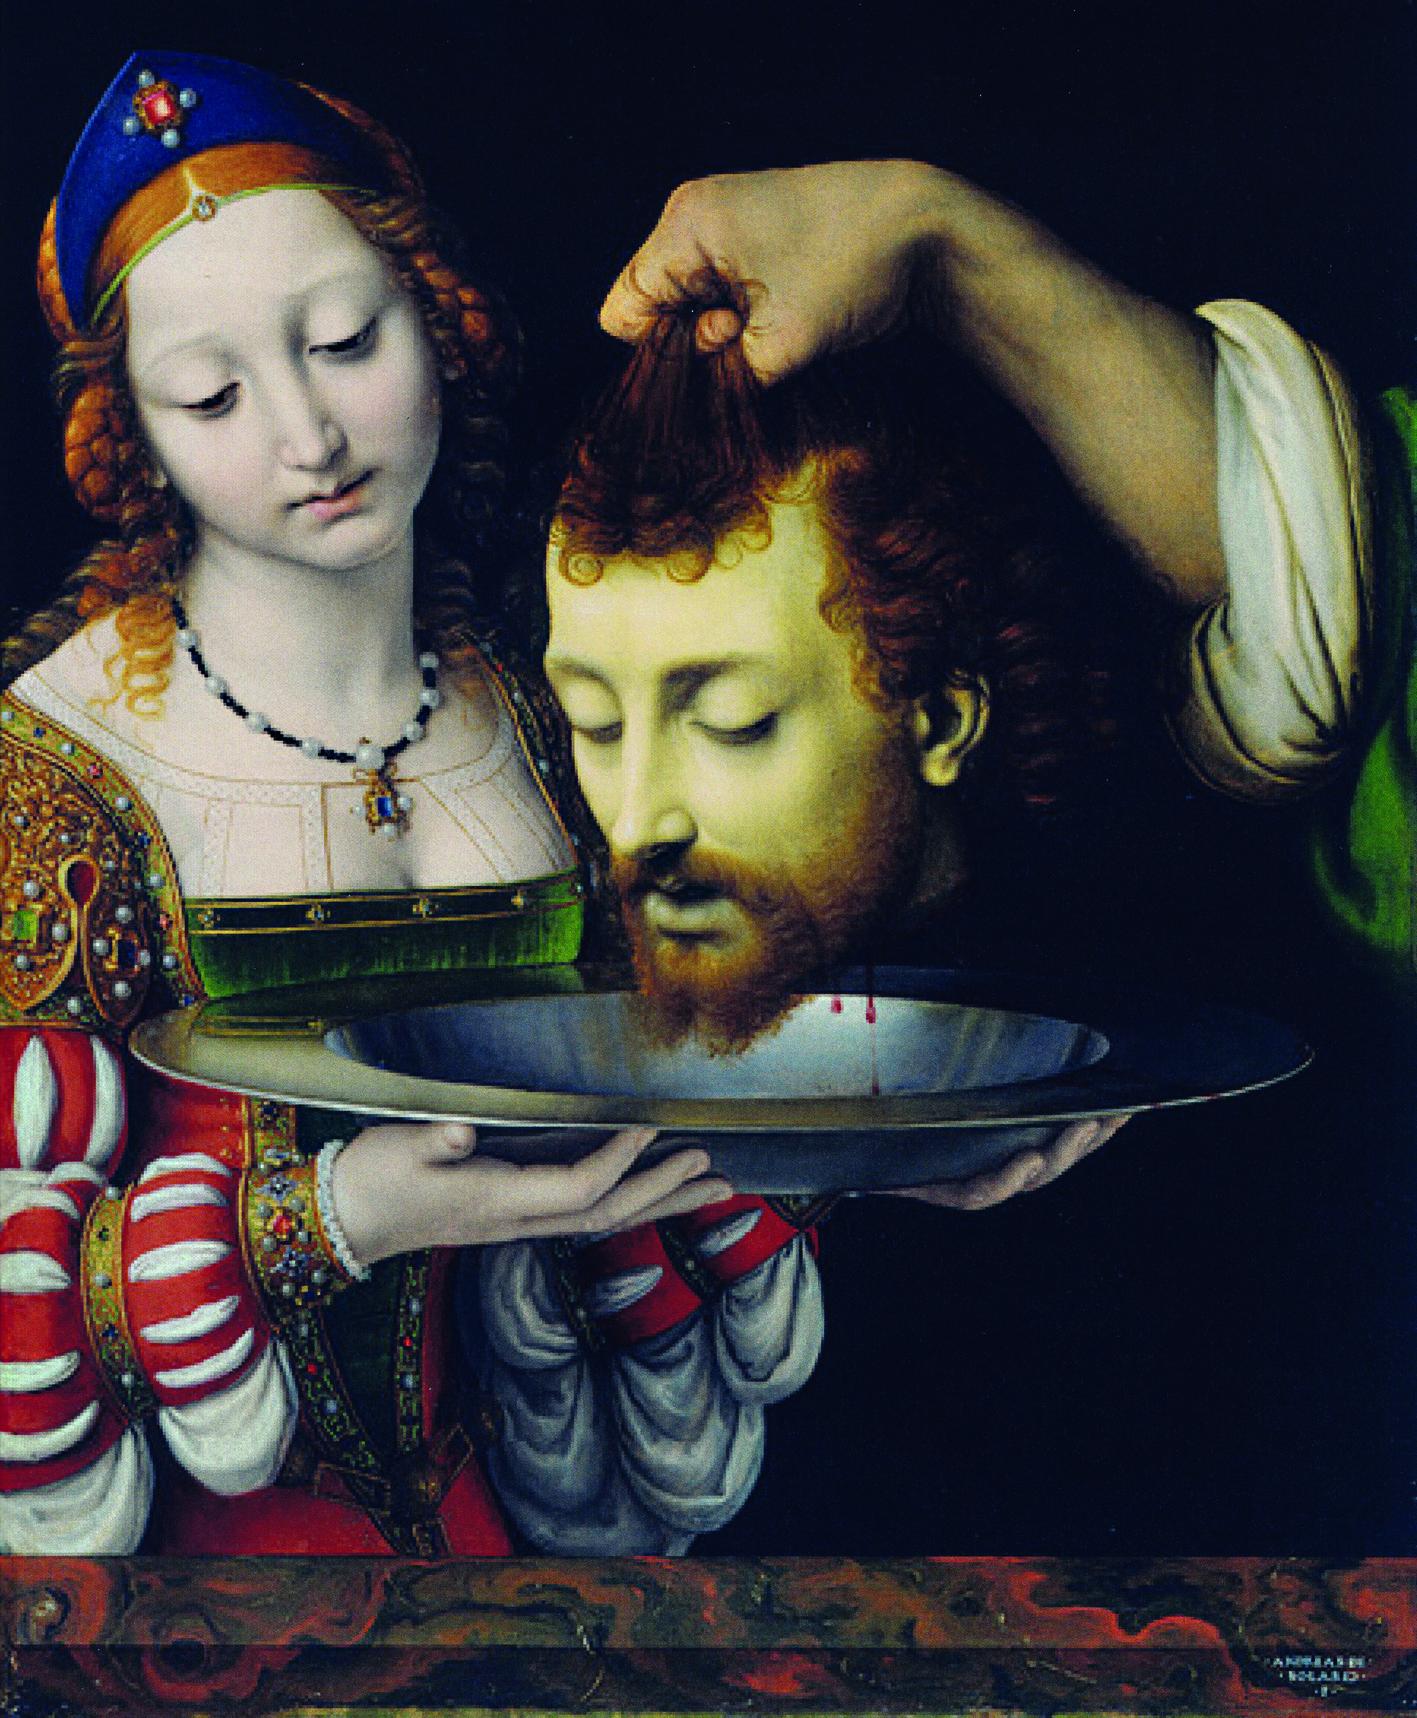 Salomé con la cabeza del Bautista, de Andrea Solario, 1506-1507, Nueva York, Metropolitan Museum. Arriba, Victoria Vera en la danza de los siete velos, en la obra Salomé de Oscar Wilde.